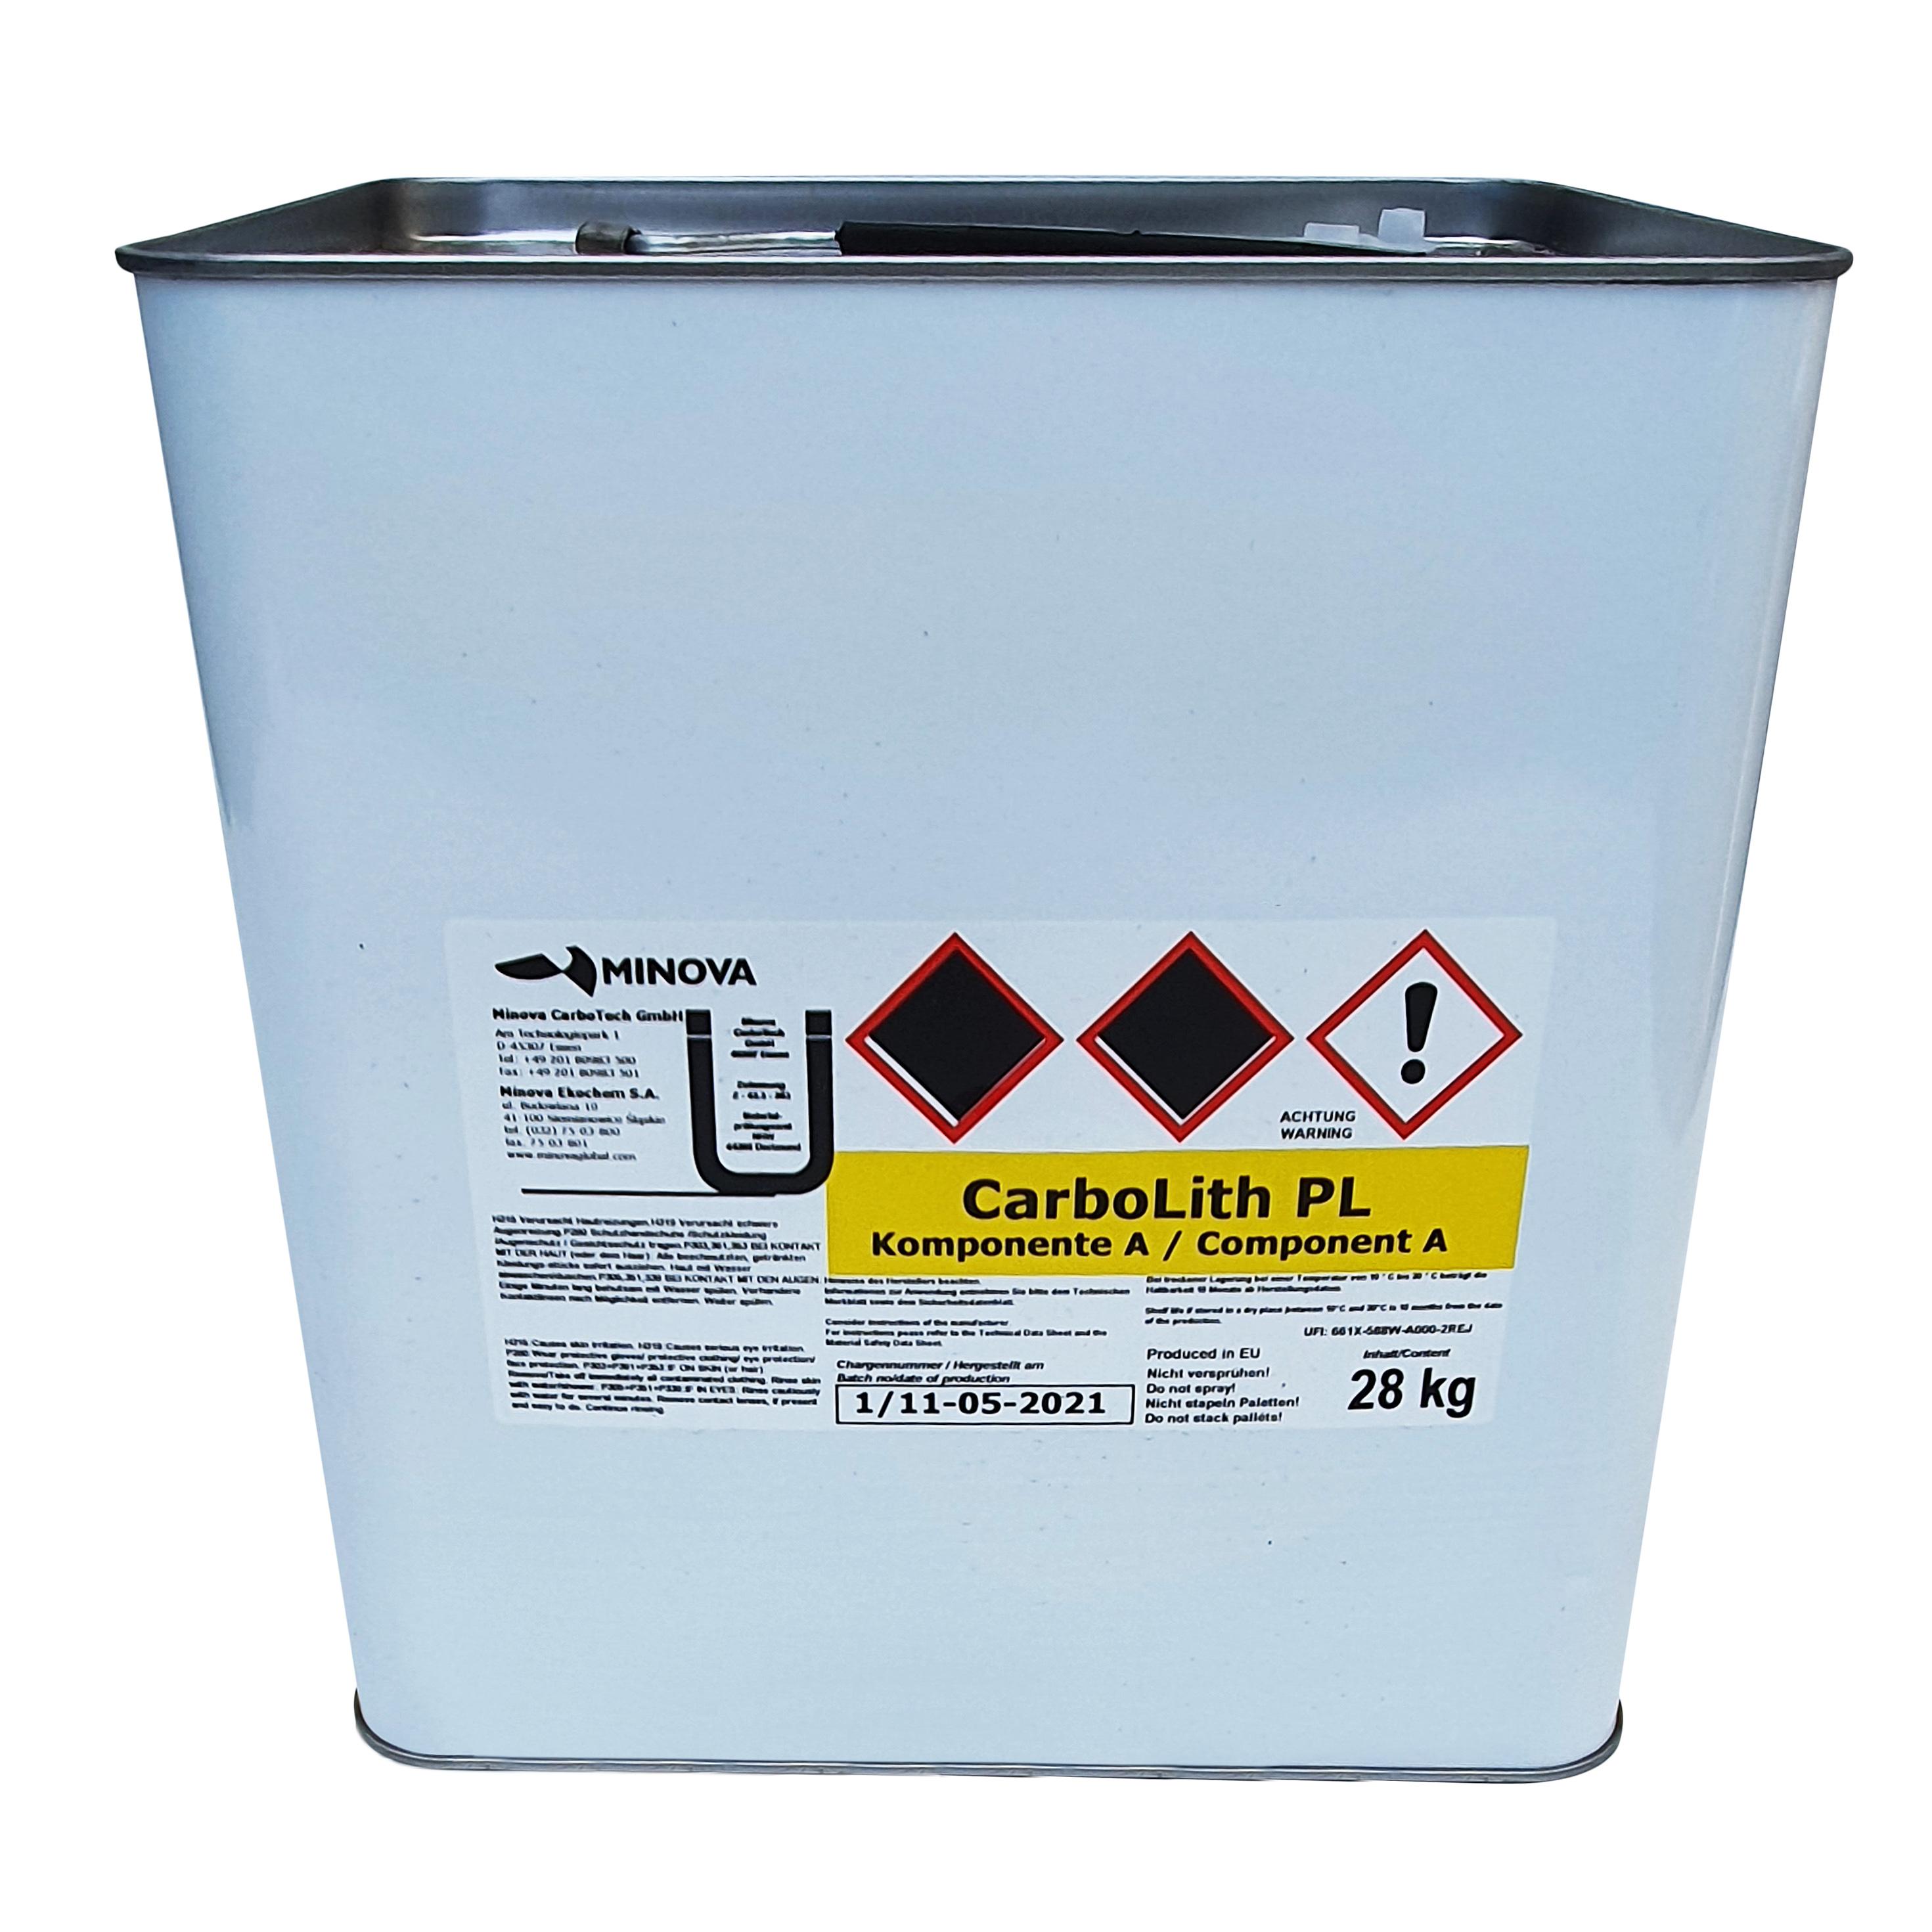 Carbolith PL-3K Komponente A 20l Gebinde, 28 kg, Winter